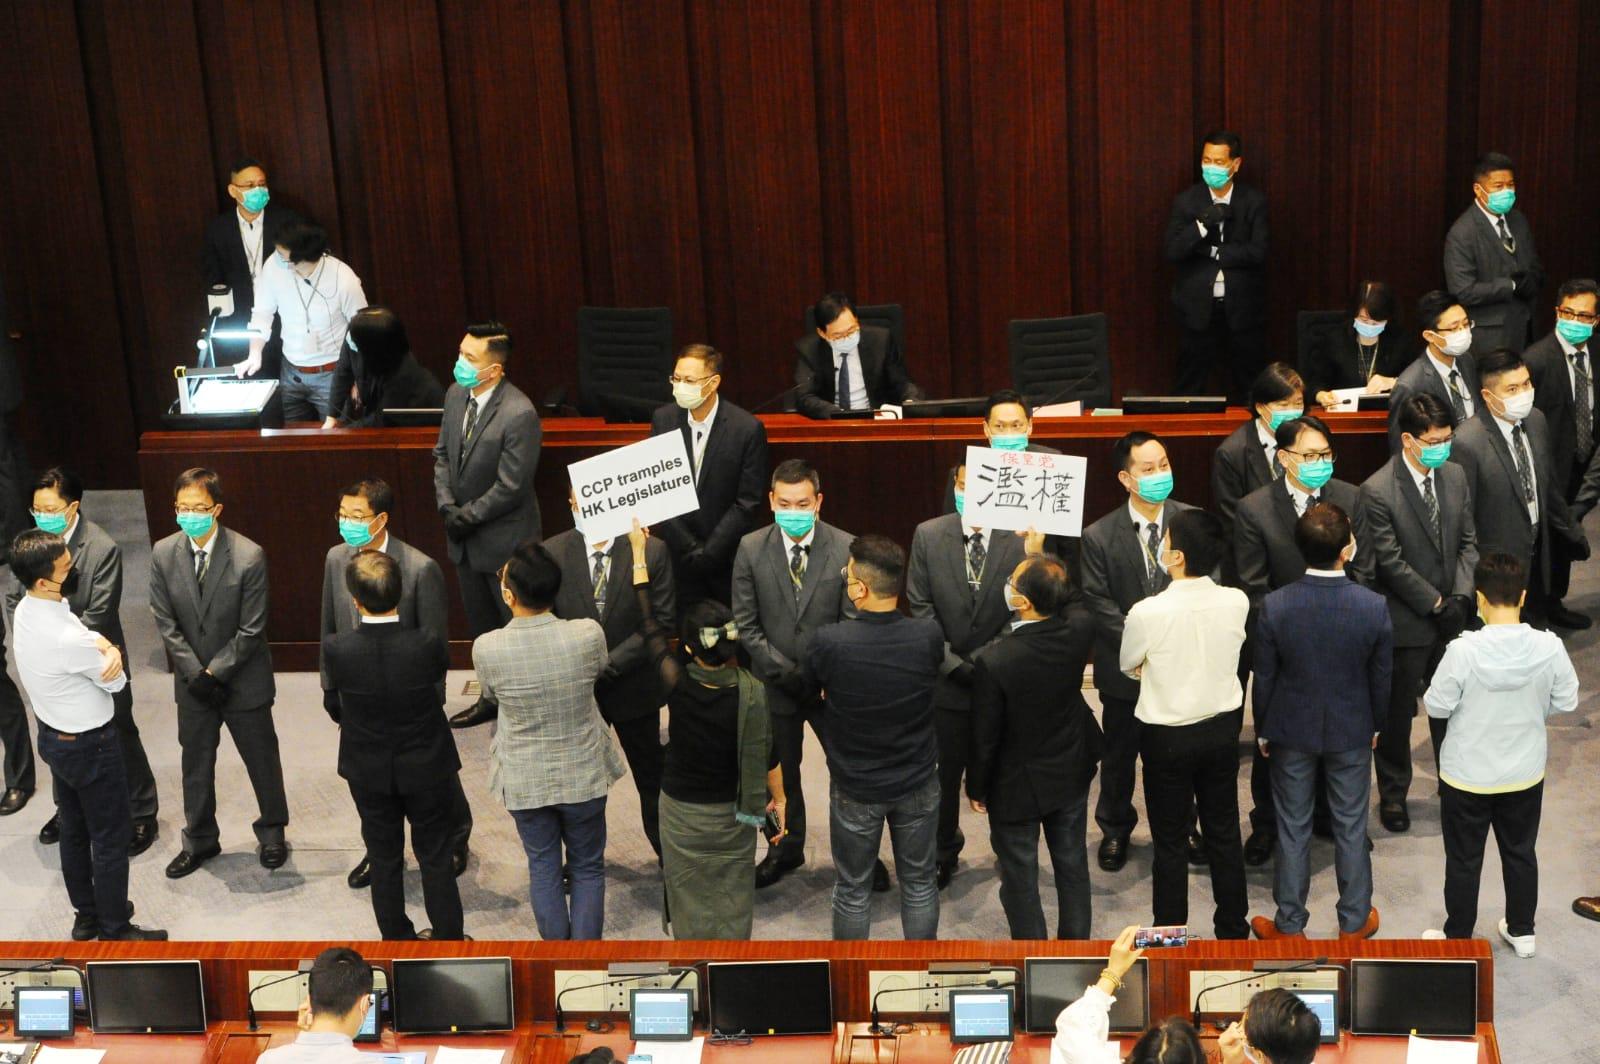 陳健波宣布「李慧琼獲得40票,當選立會主席」。立法會內務委員會主席選舉在反對聲浪中草草結束。(宋碧龍 / 大紀元)